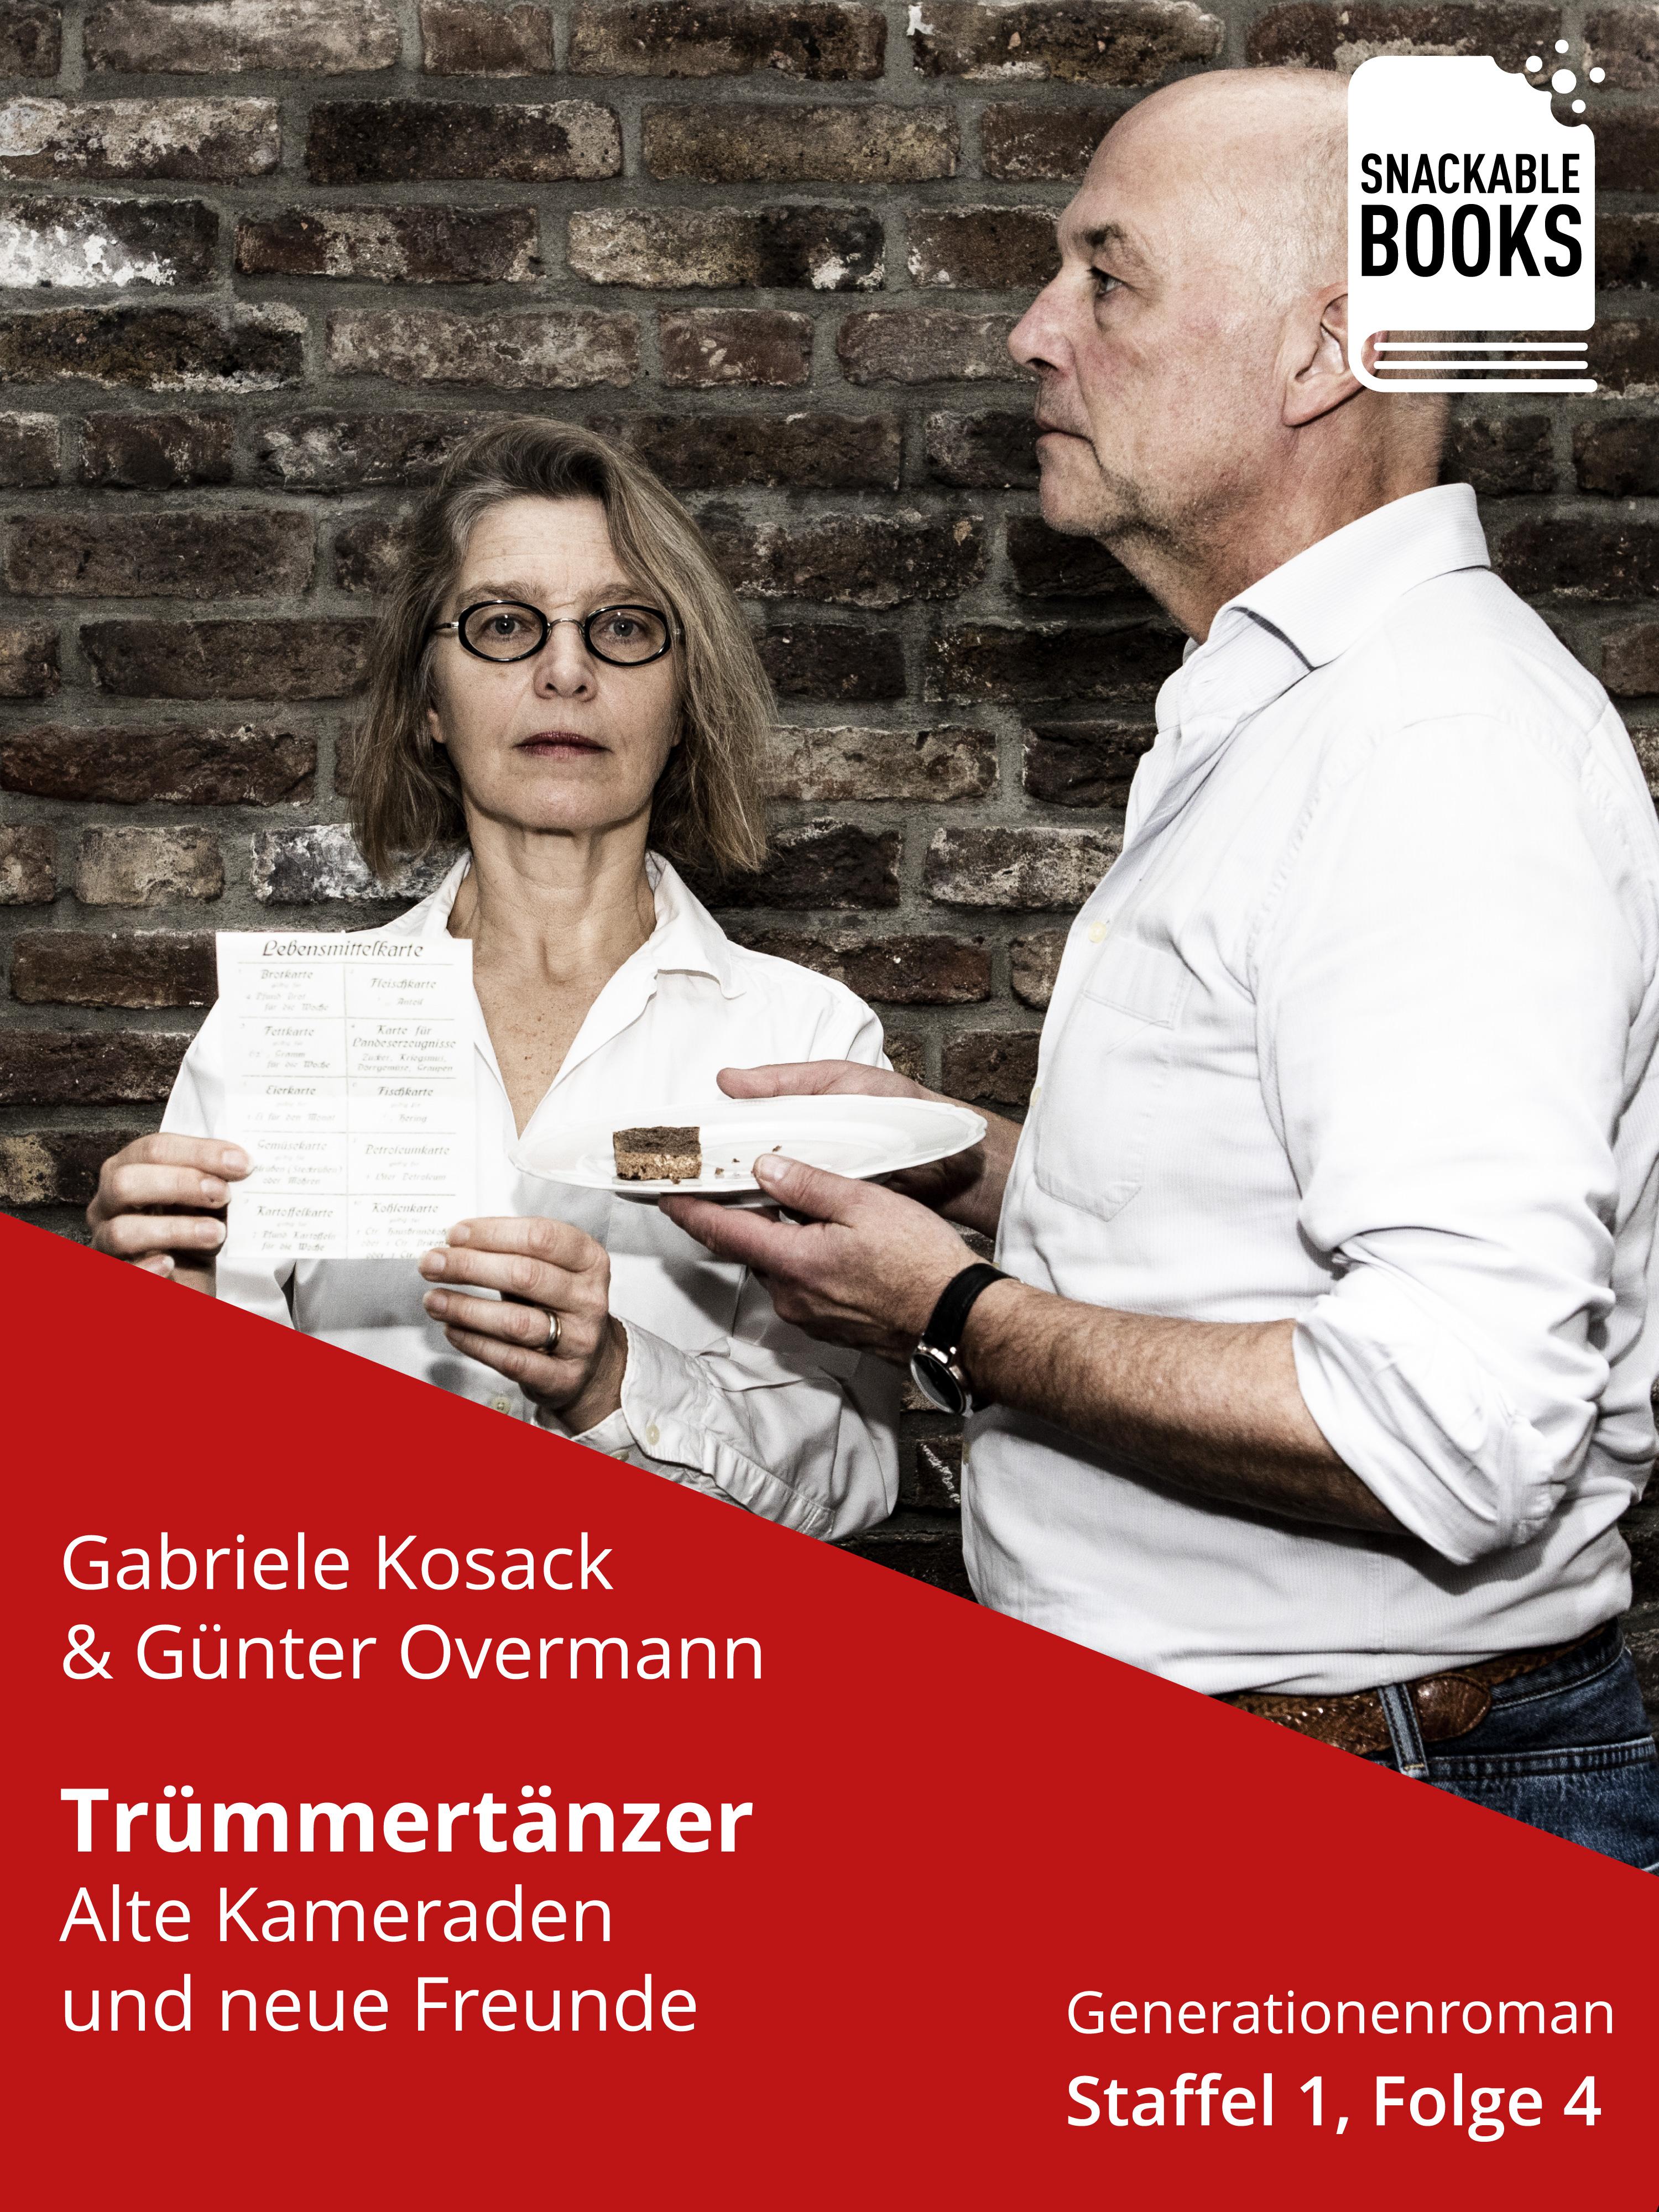 Gabriele Kosack Trümmertänzer Staffel 1, Folge 4: Alte Kameraden und neue Freunde